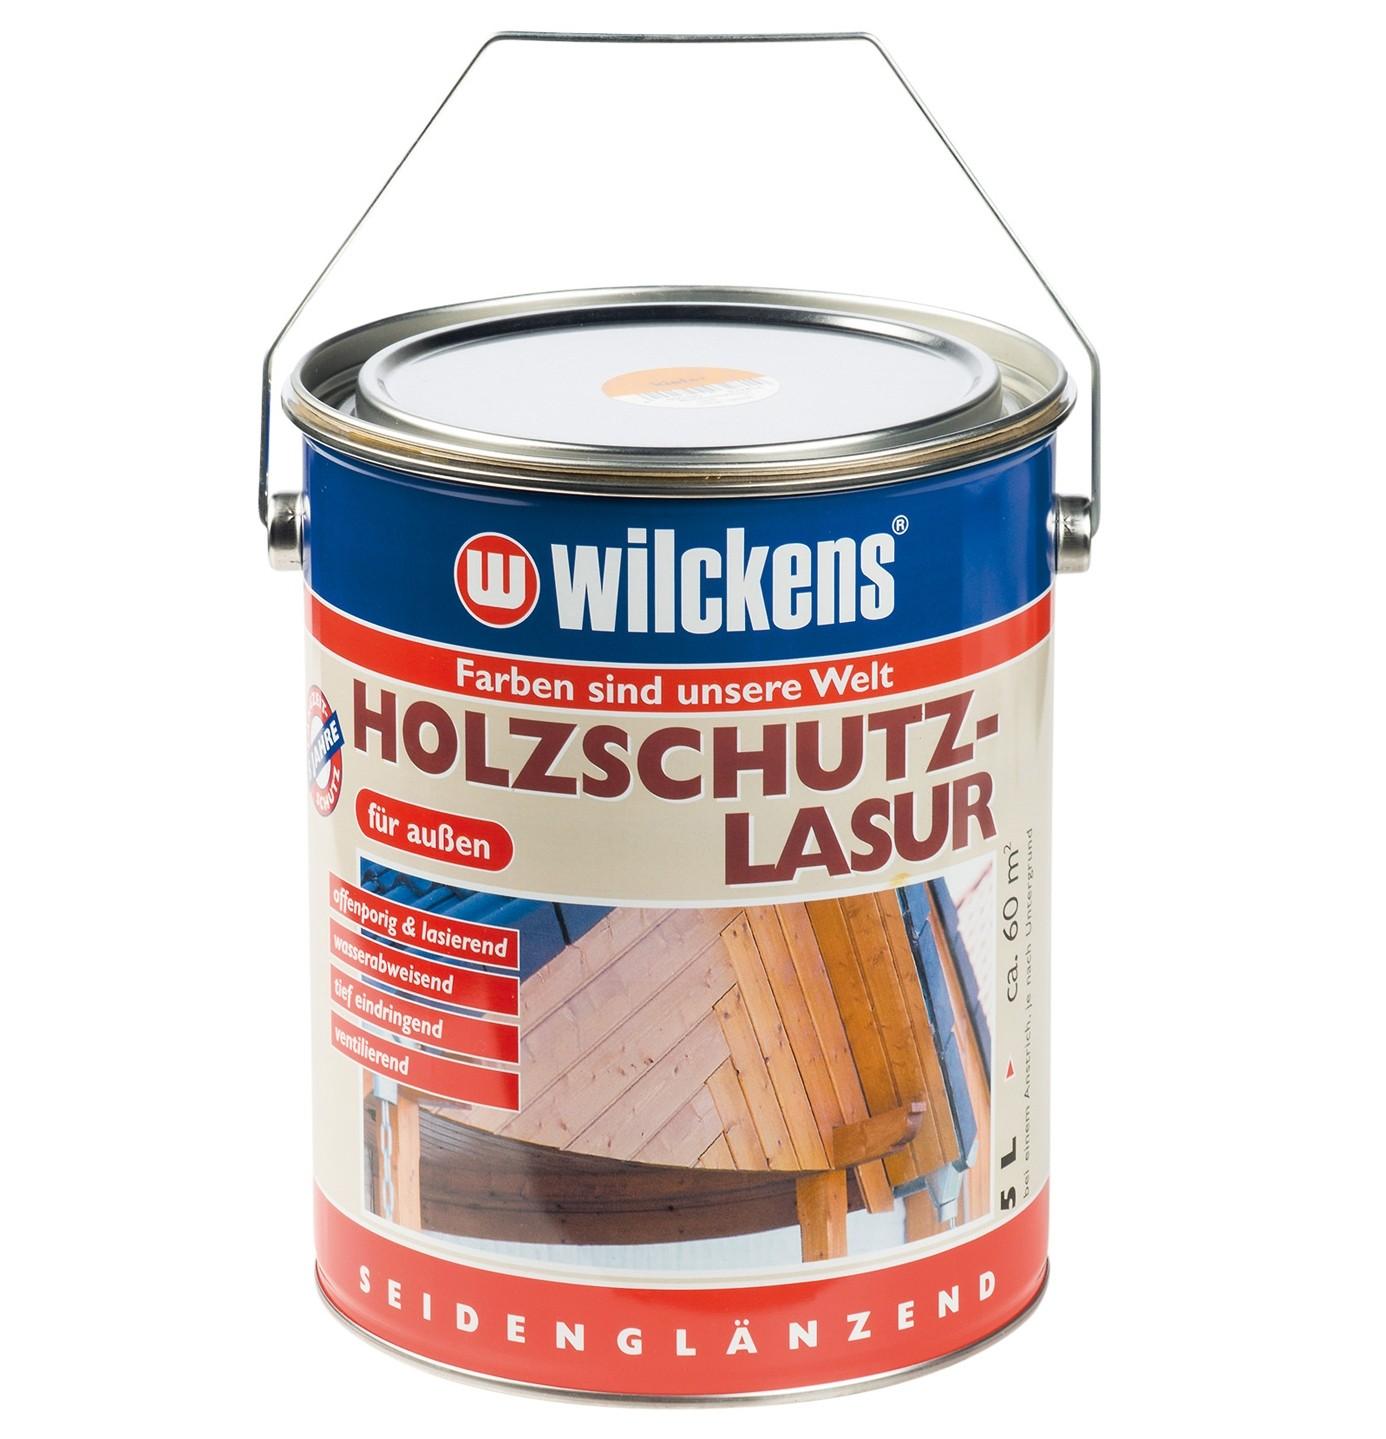 Lasur Auf Lack. clou aqua combi lack lasur l17 online kaufen modulor ...